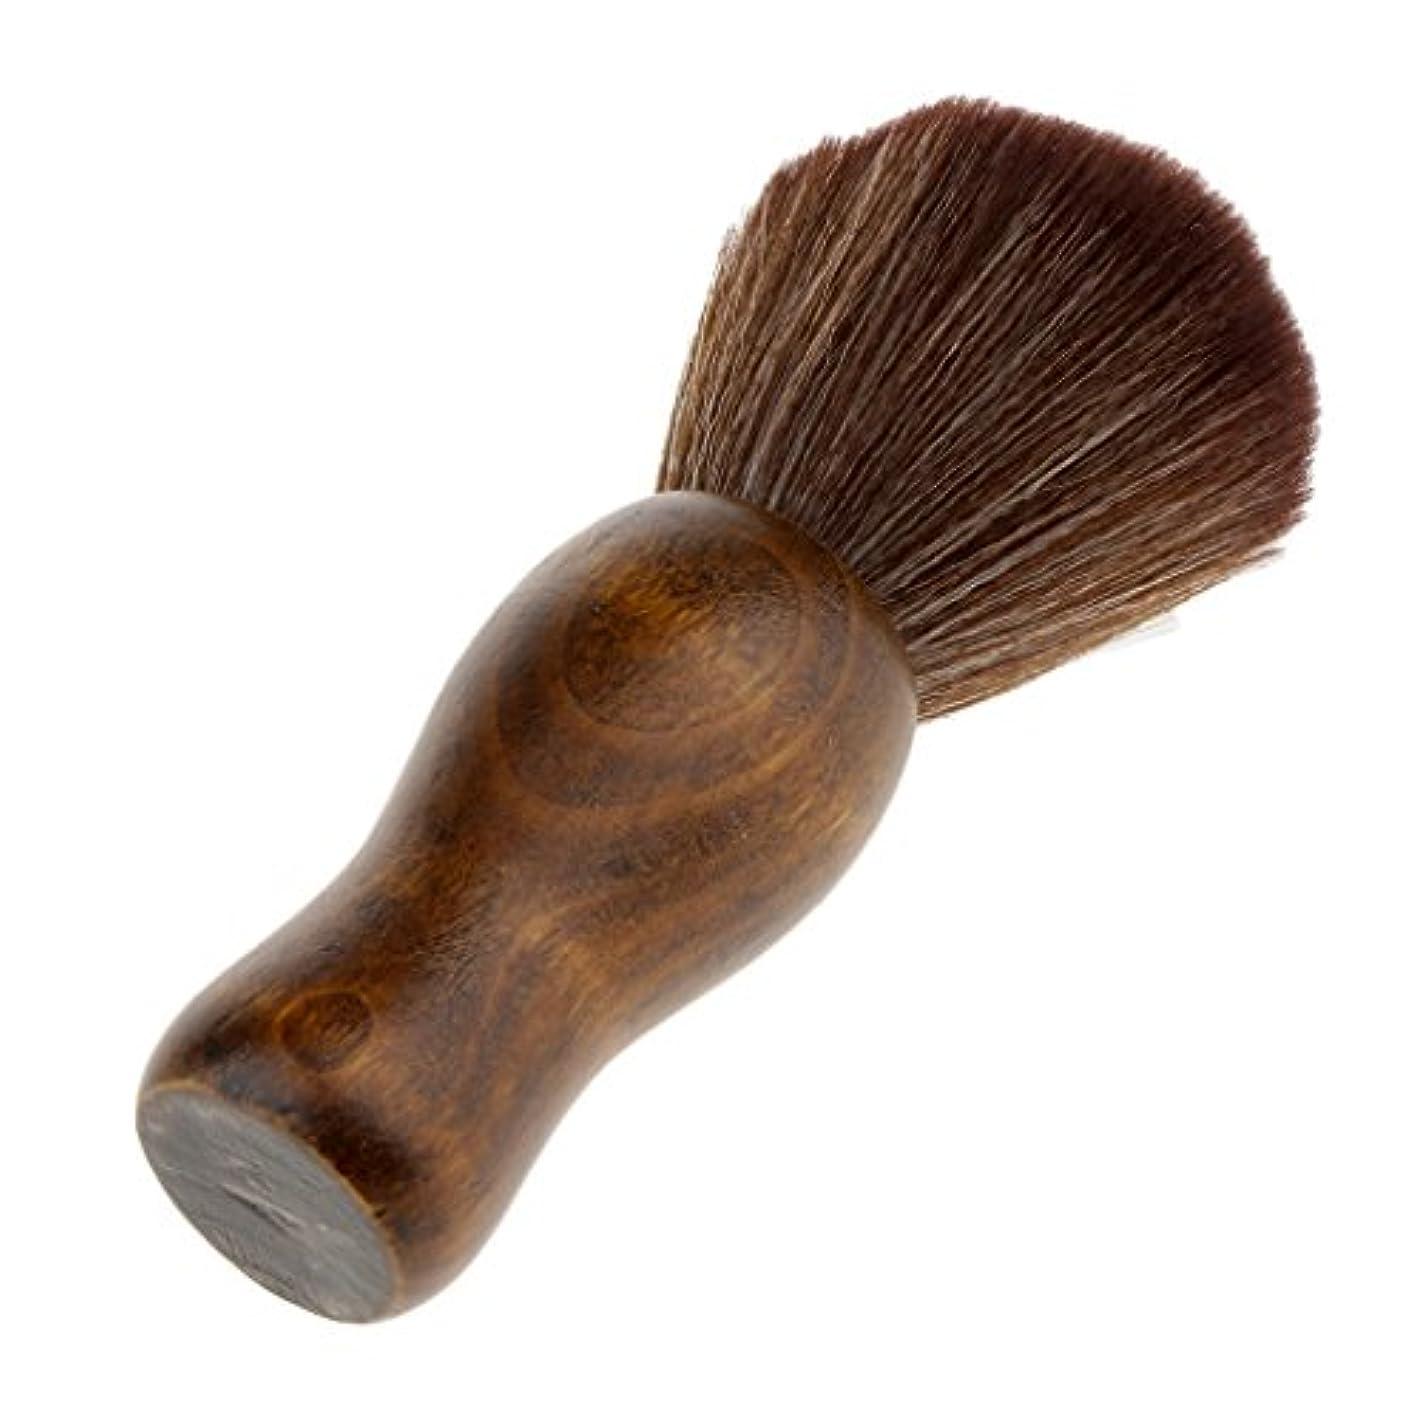 解釈する病んでいる落胆したKesoto シェービングブラシ ソフトファイバー シェービング ブラシ 化粧ブラシ ルースパウダー メイクブラシ 木製 2色選べる - 褐色